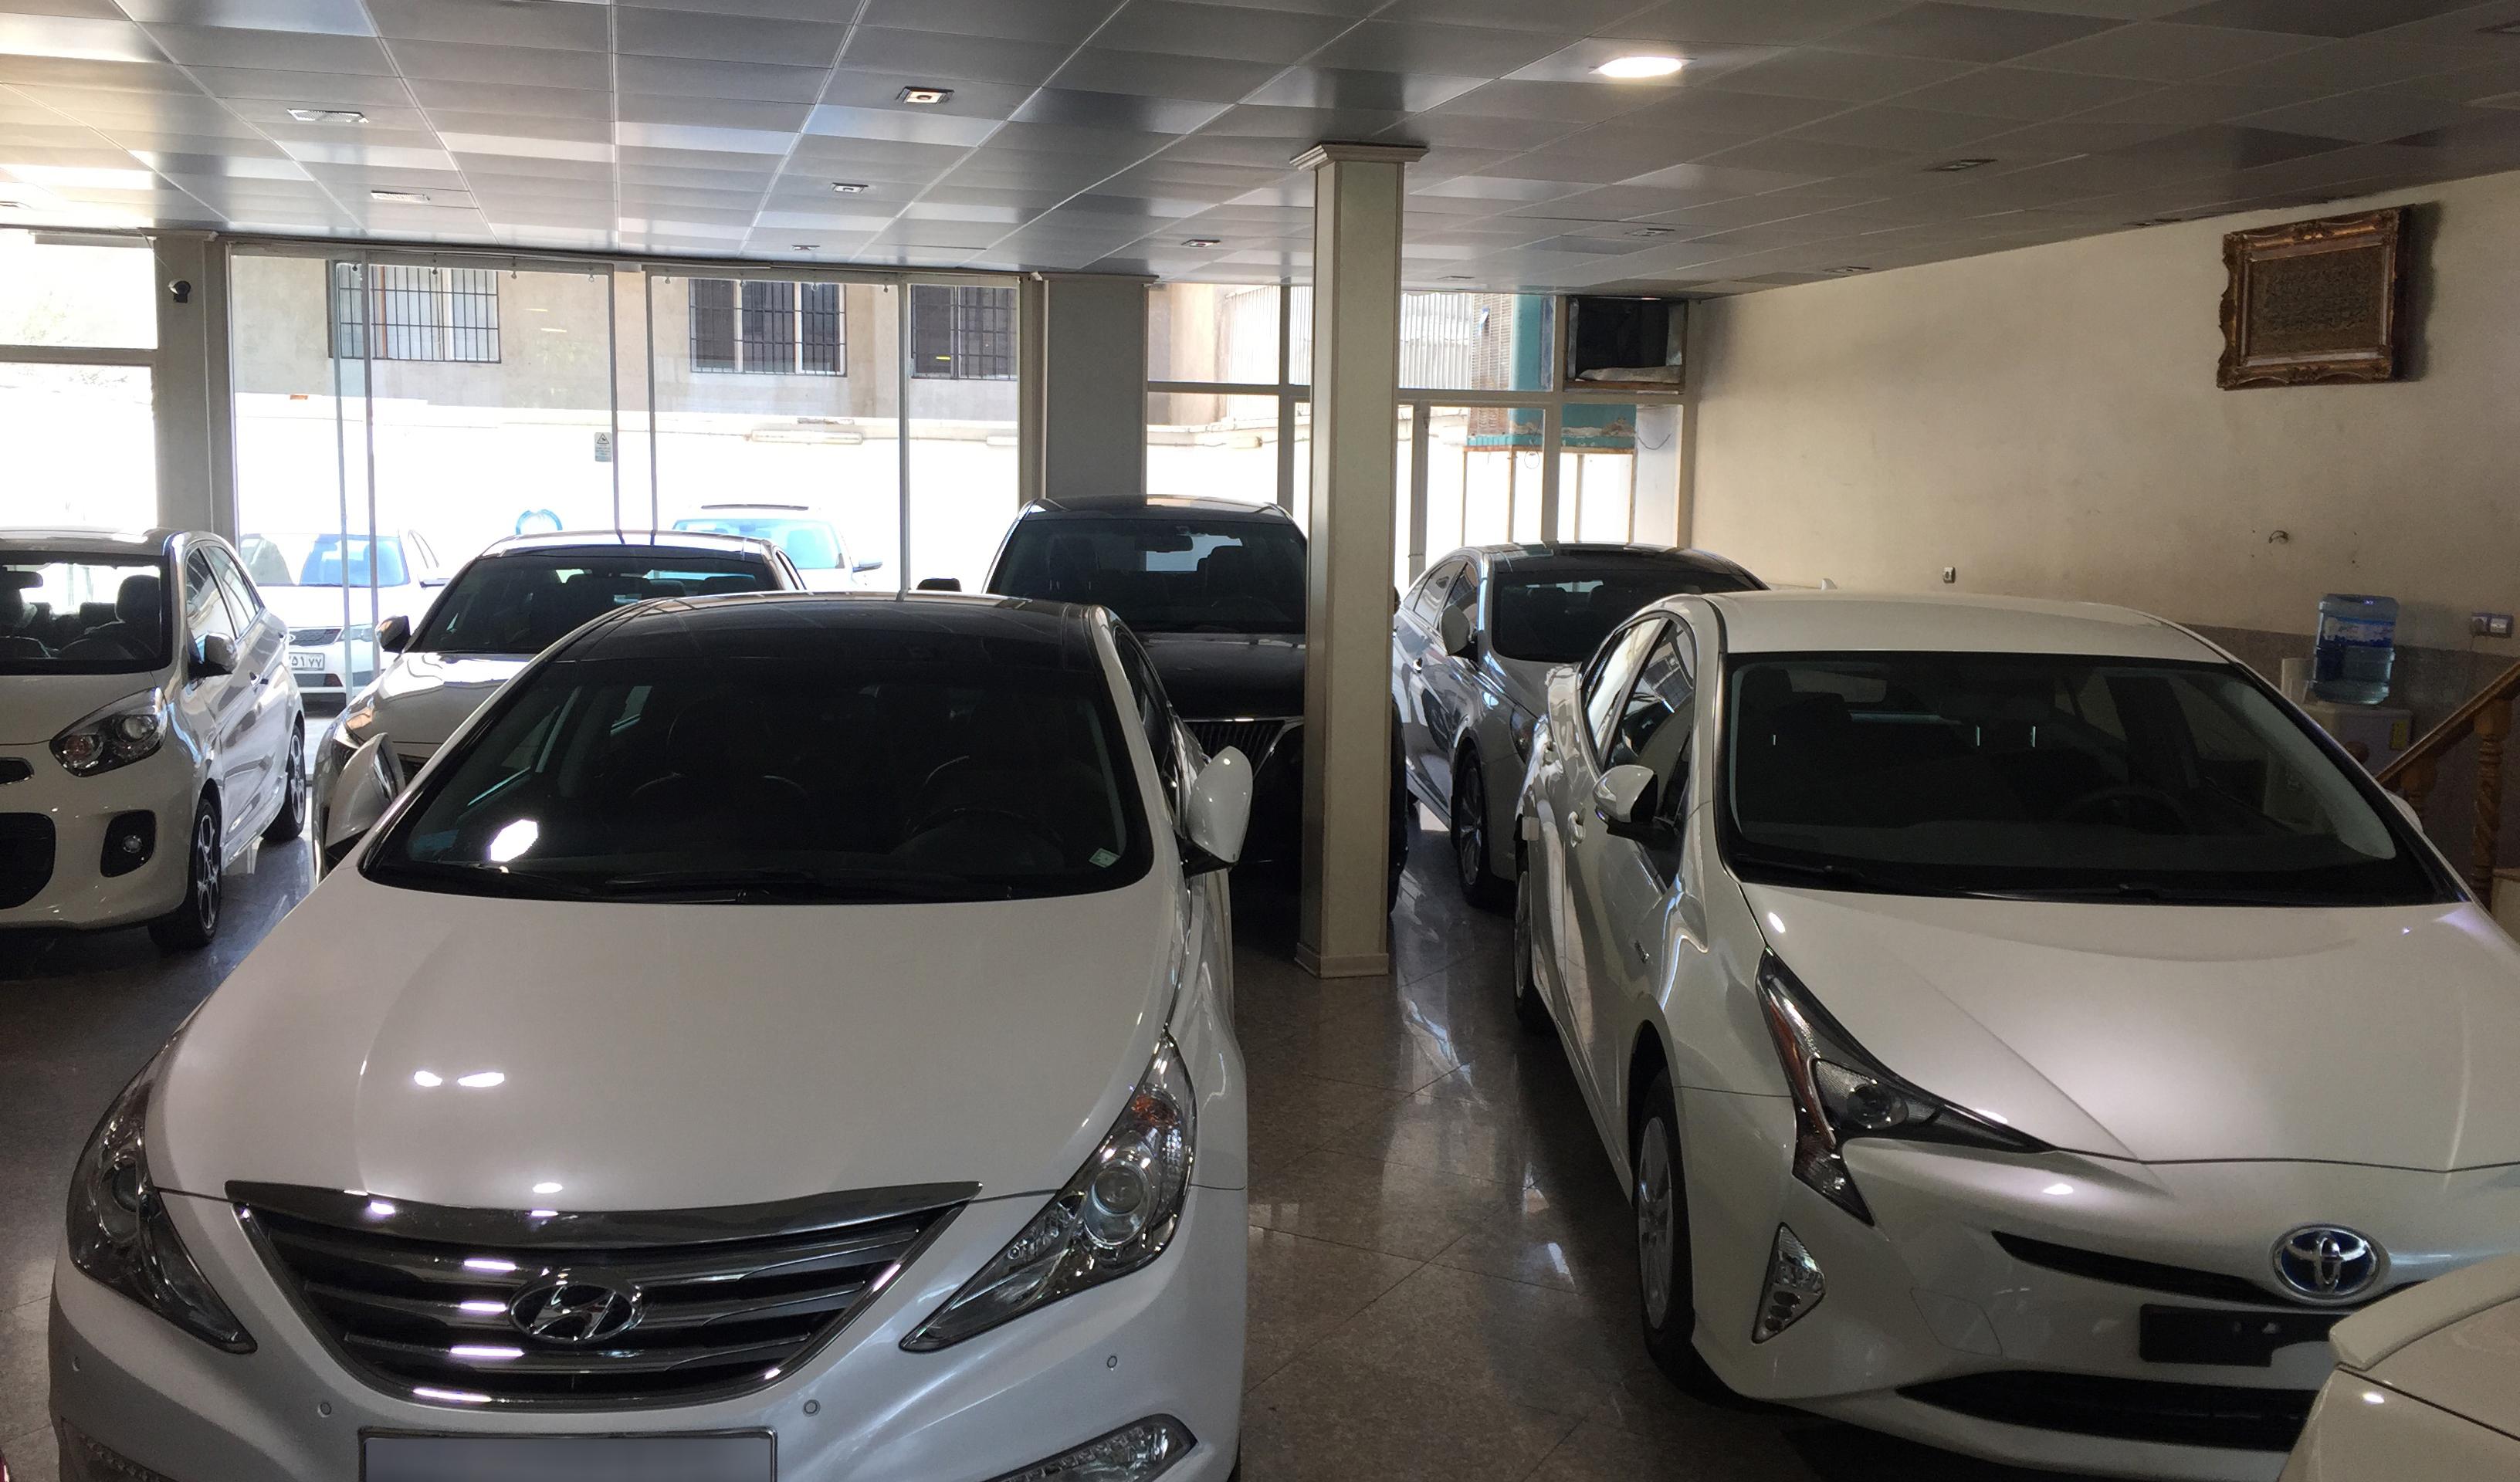 بازار خودروهای خارجی در رکود کامل فرو رفت/خریداران در انتظار ریزش قیمت